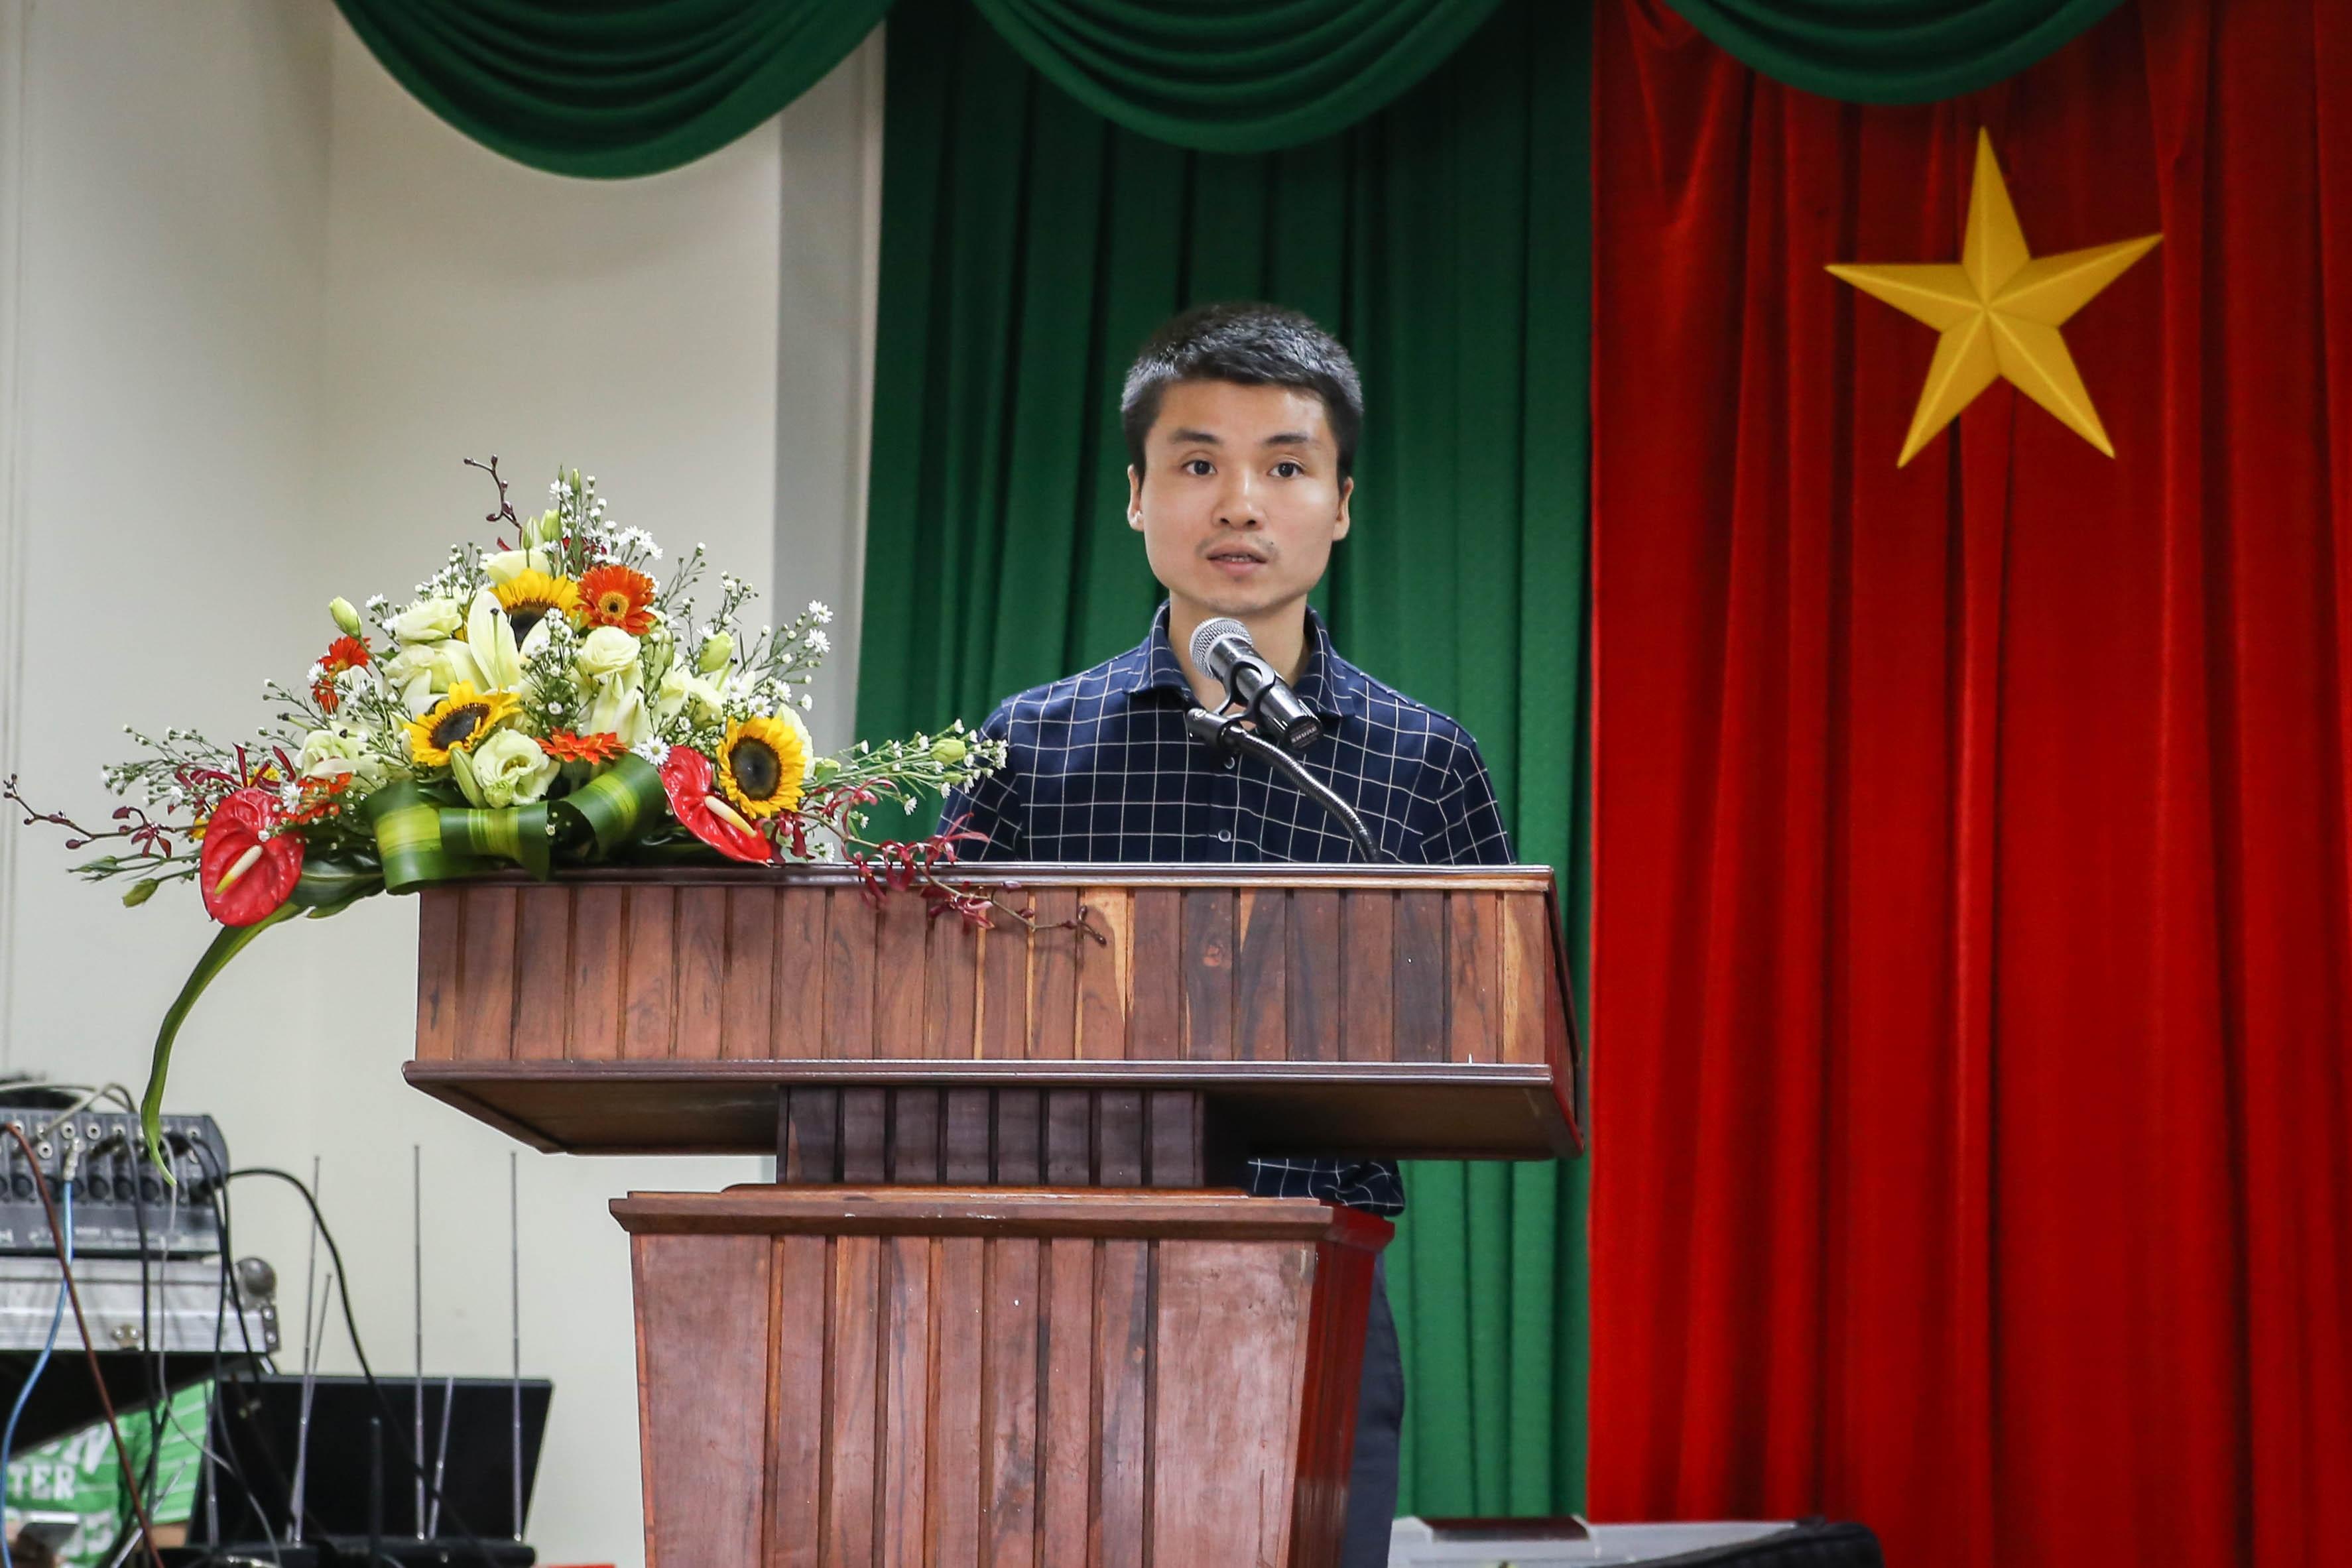 Ông Phạm Tuấn Anh, Phó Tổng Biên tập Báo điện tử Dân trí phát biểu